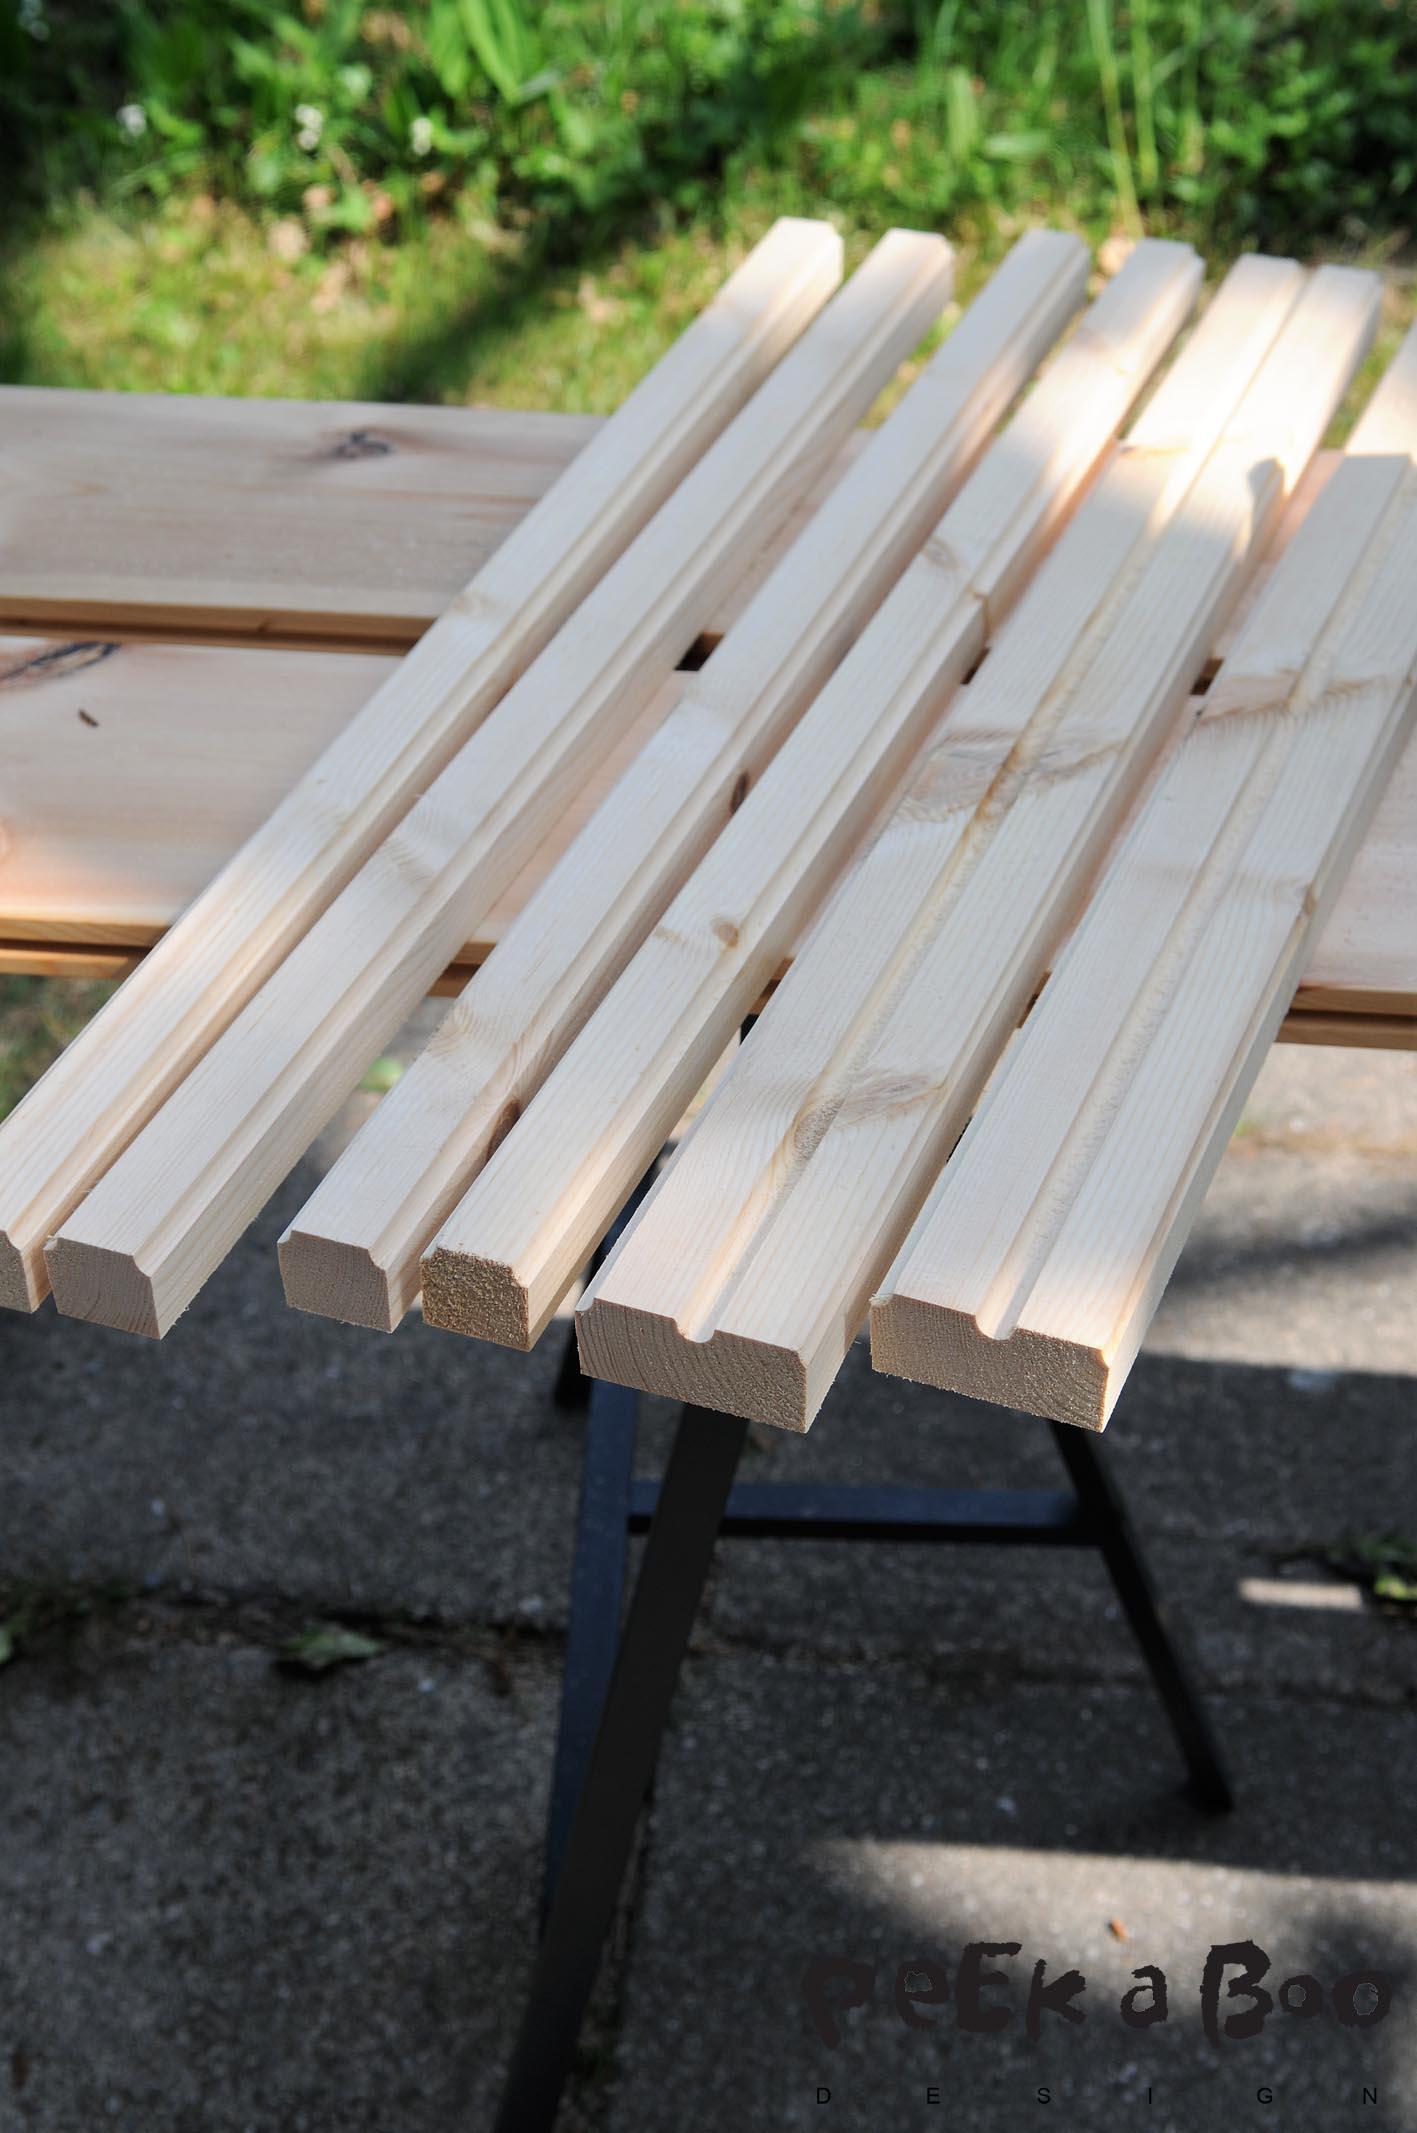 Sav nogle tværpinde ca. 15- 20 kortere end bredden på dit bord. De skal holde plankerne sammen og fastgøres derfor under bordpladen.